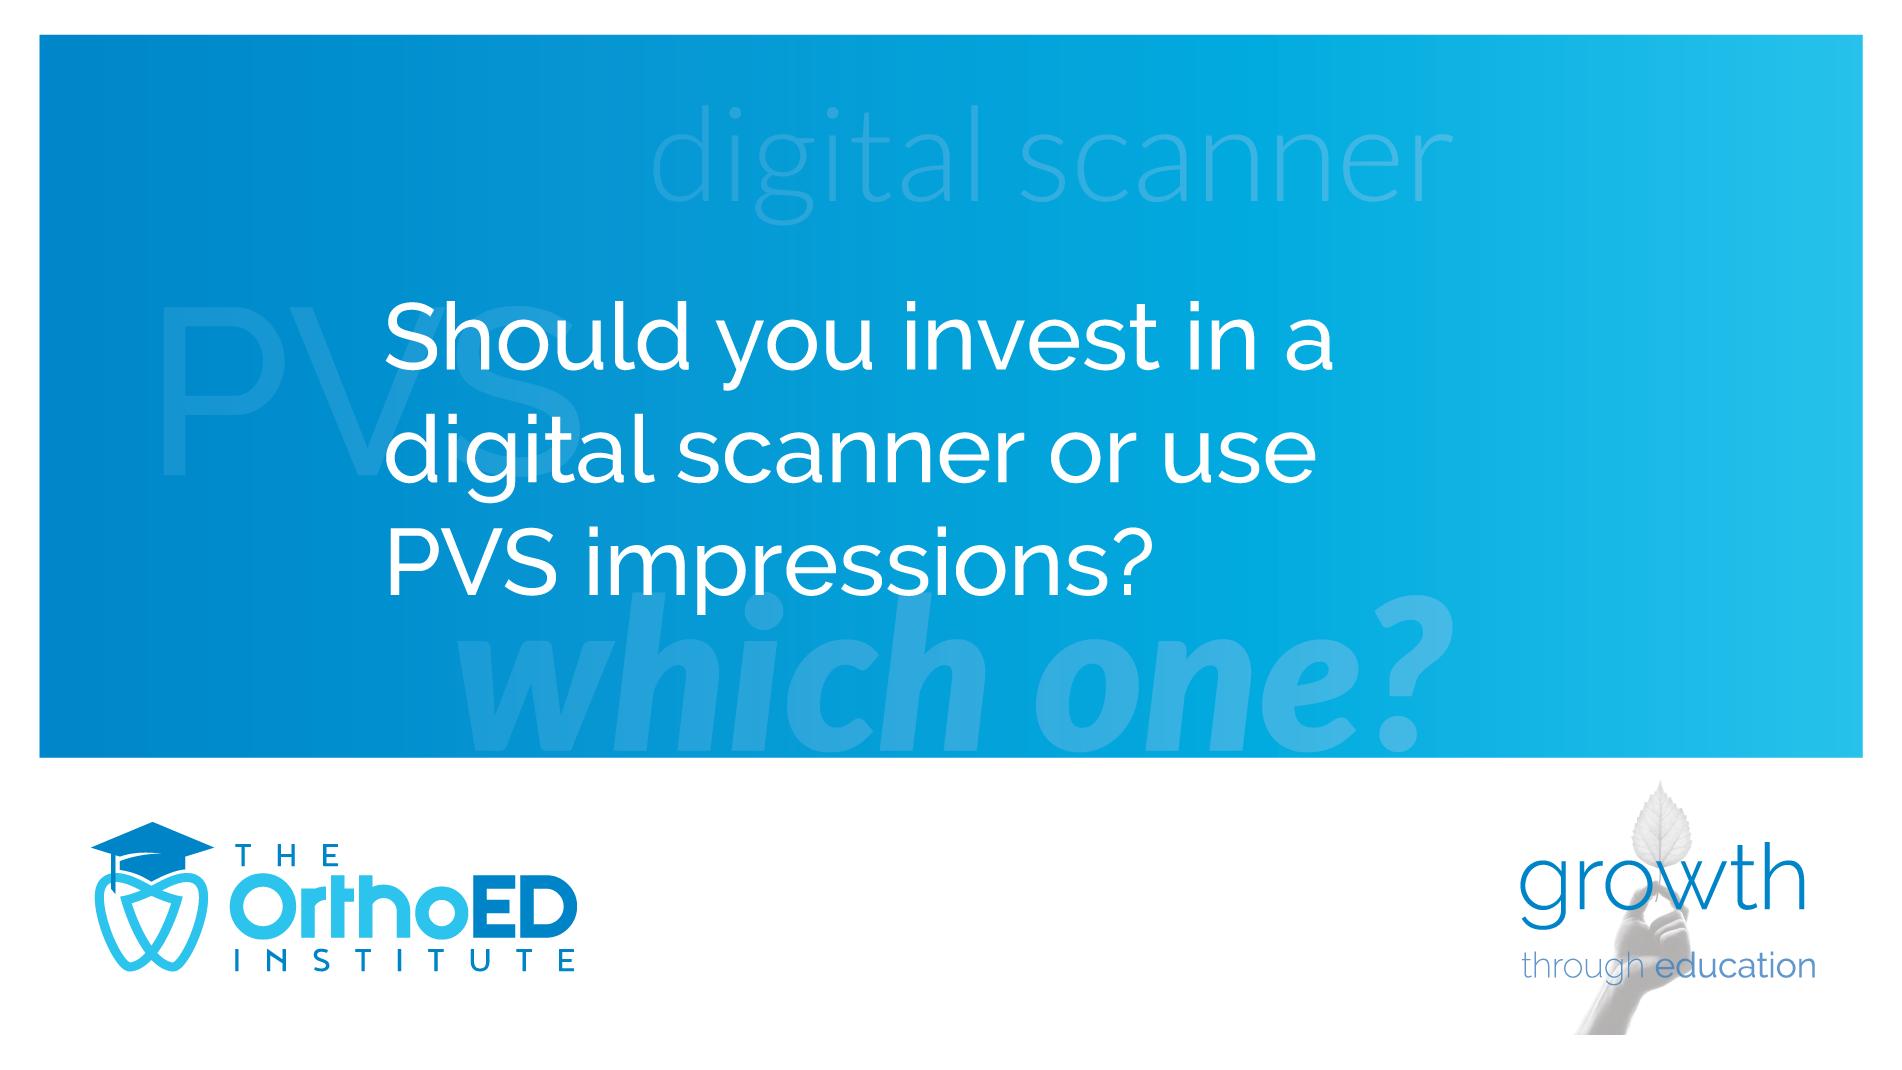 digital scanner or PVS